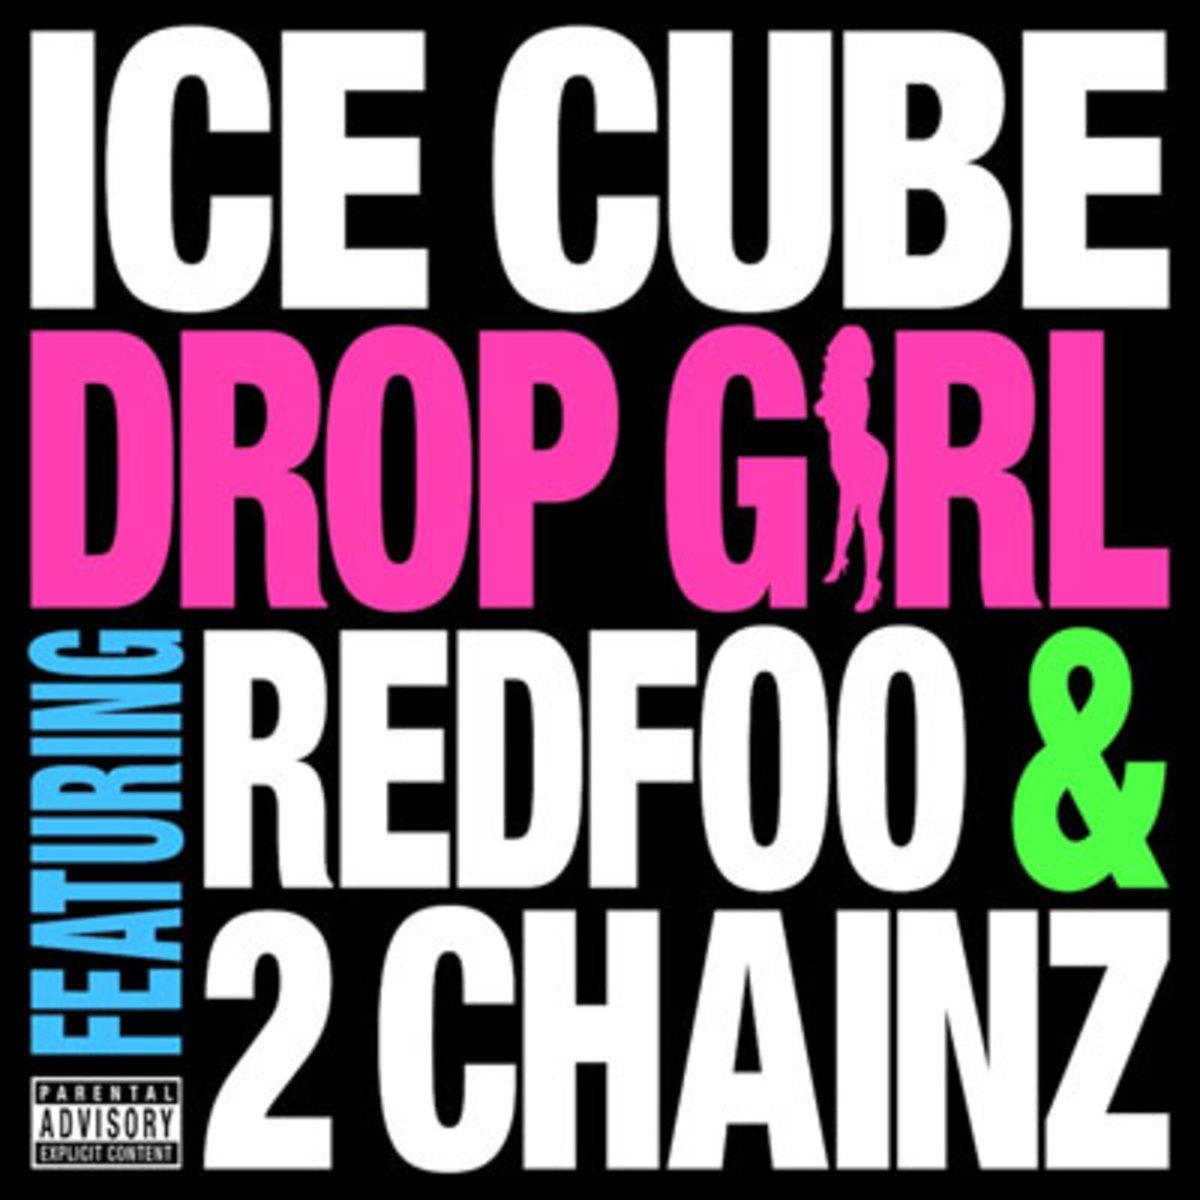 icecube-dropgirl2.jpg